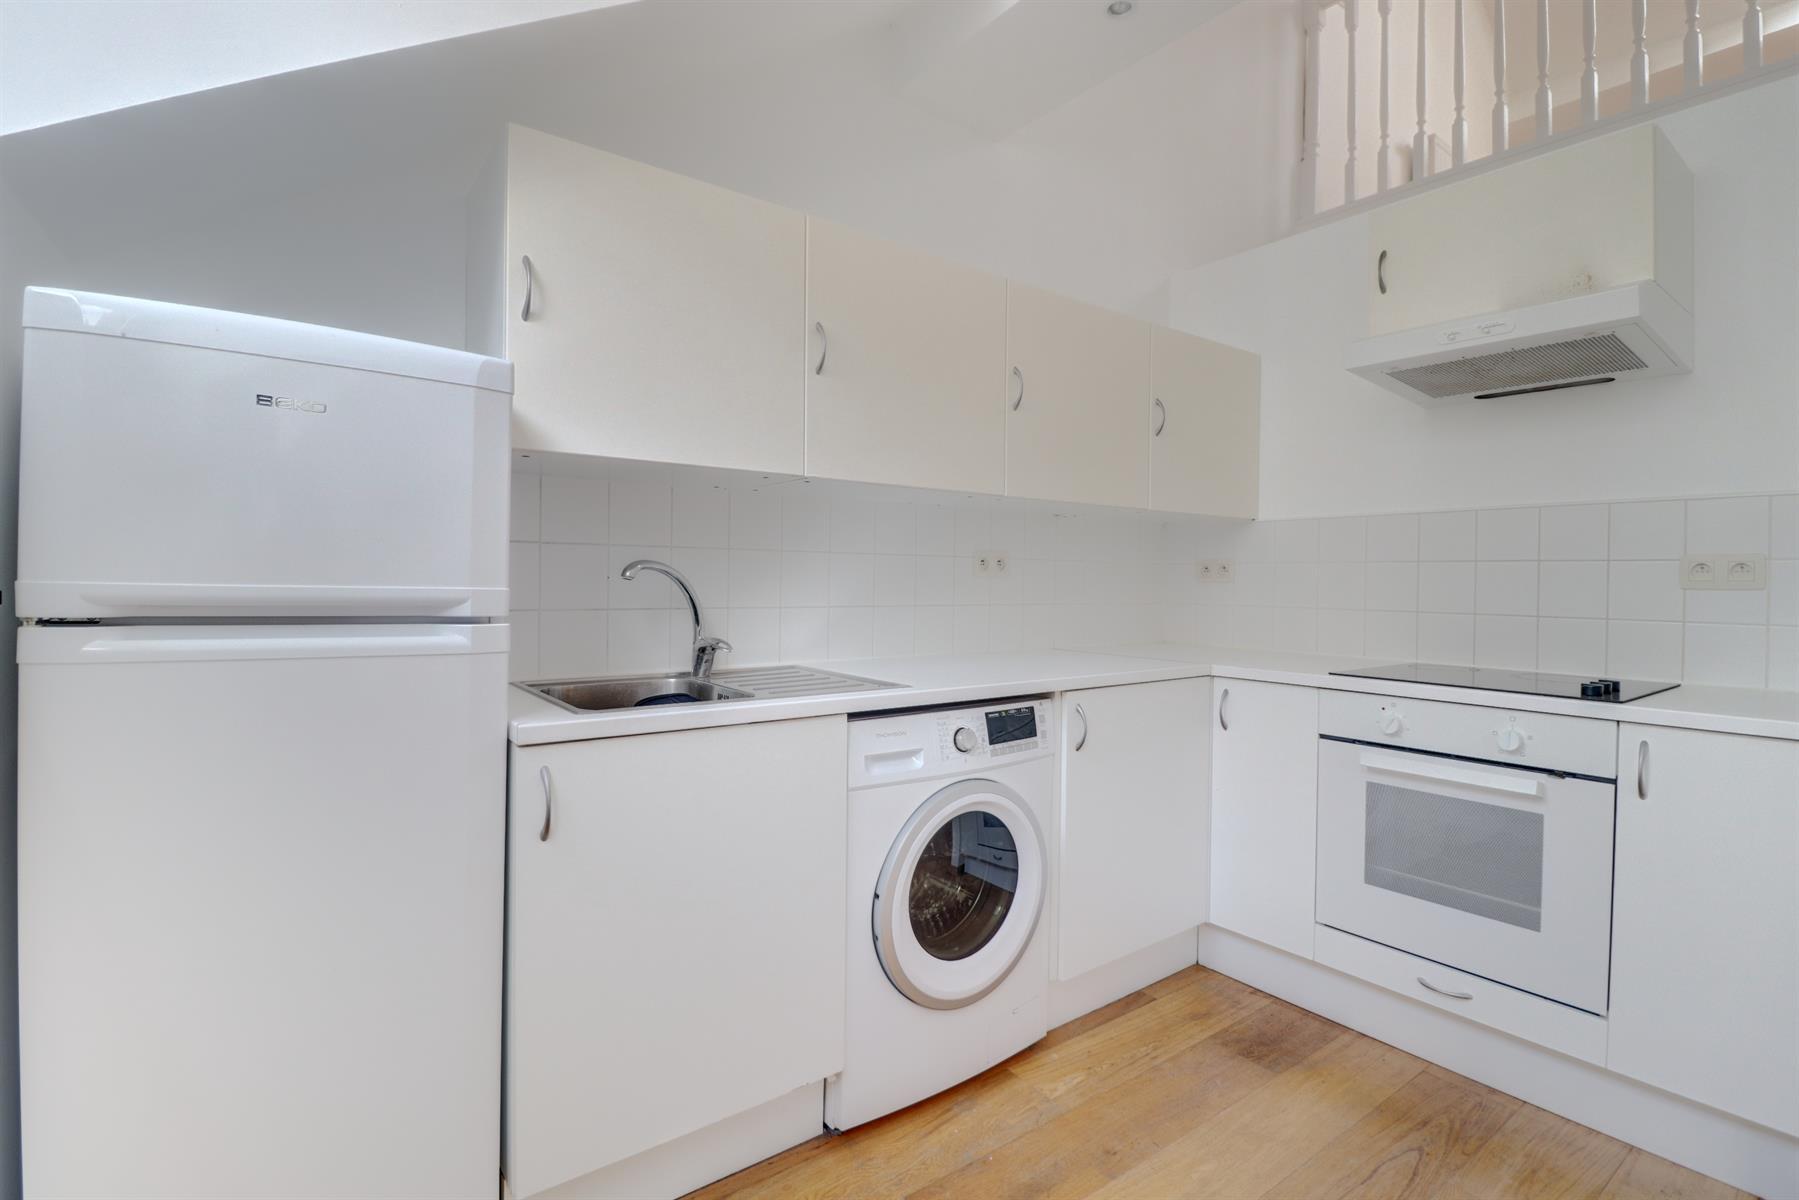 Duplex - Ixelles - #4389259-5